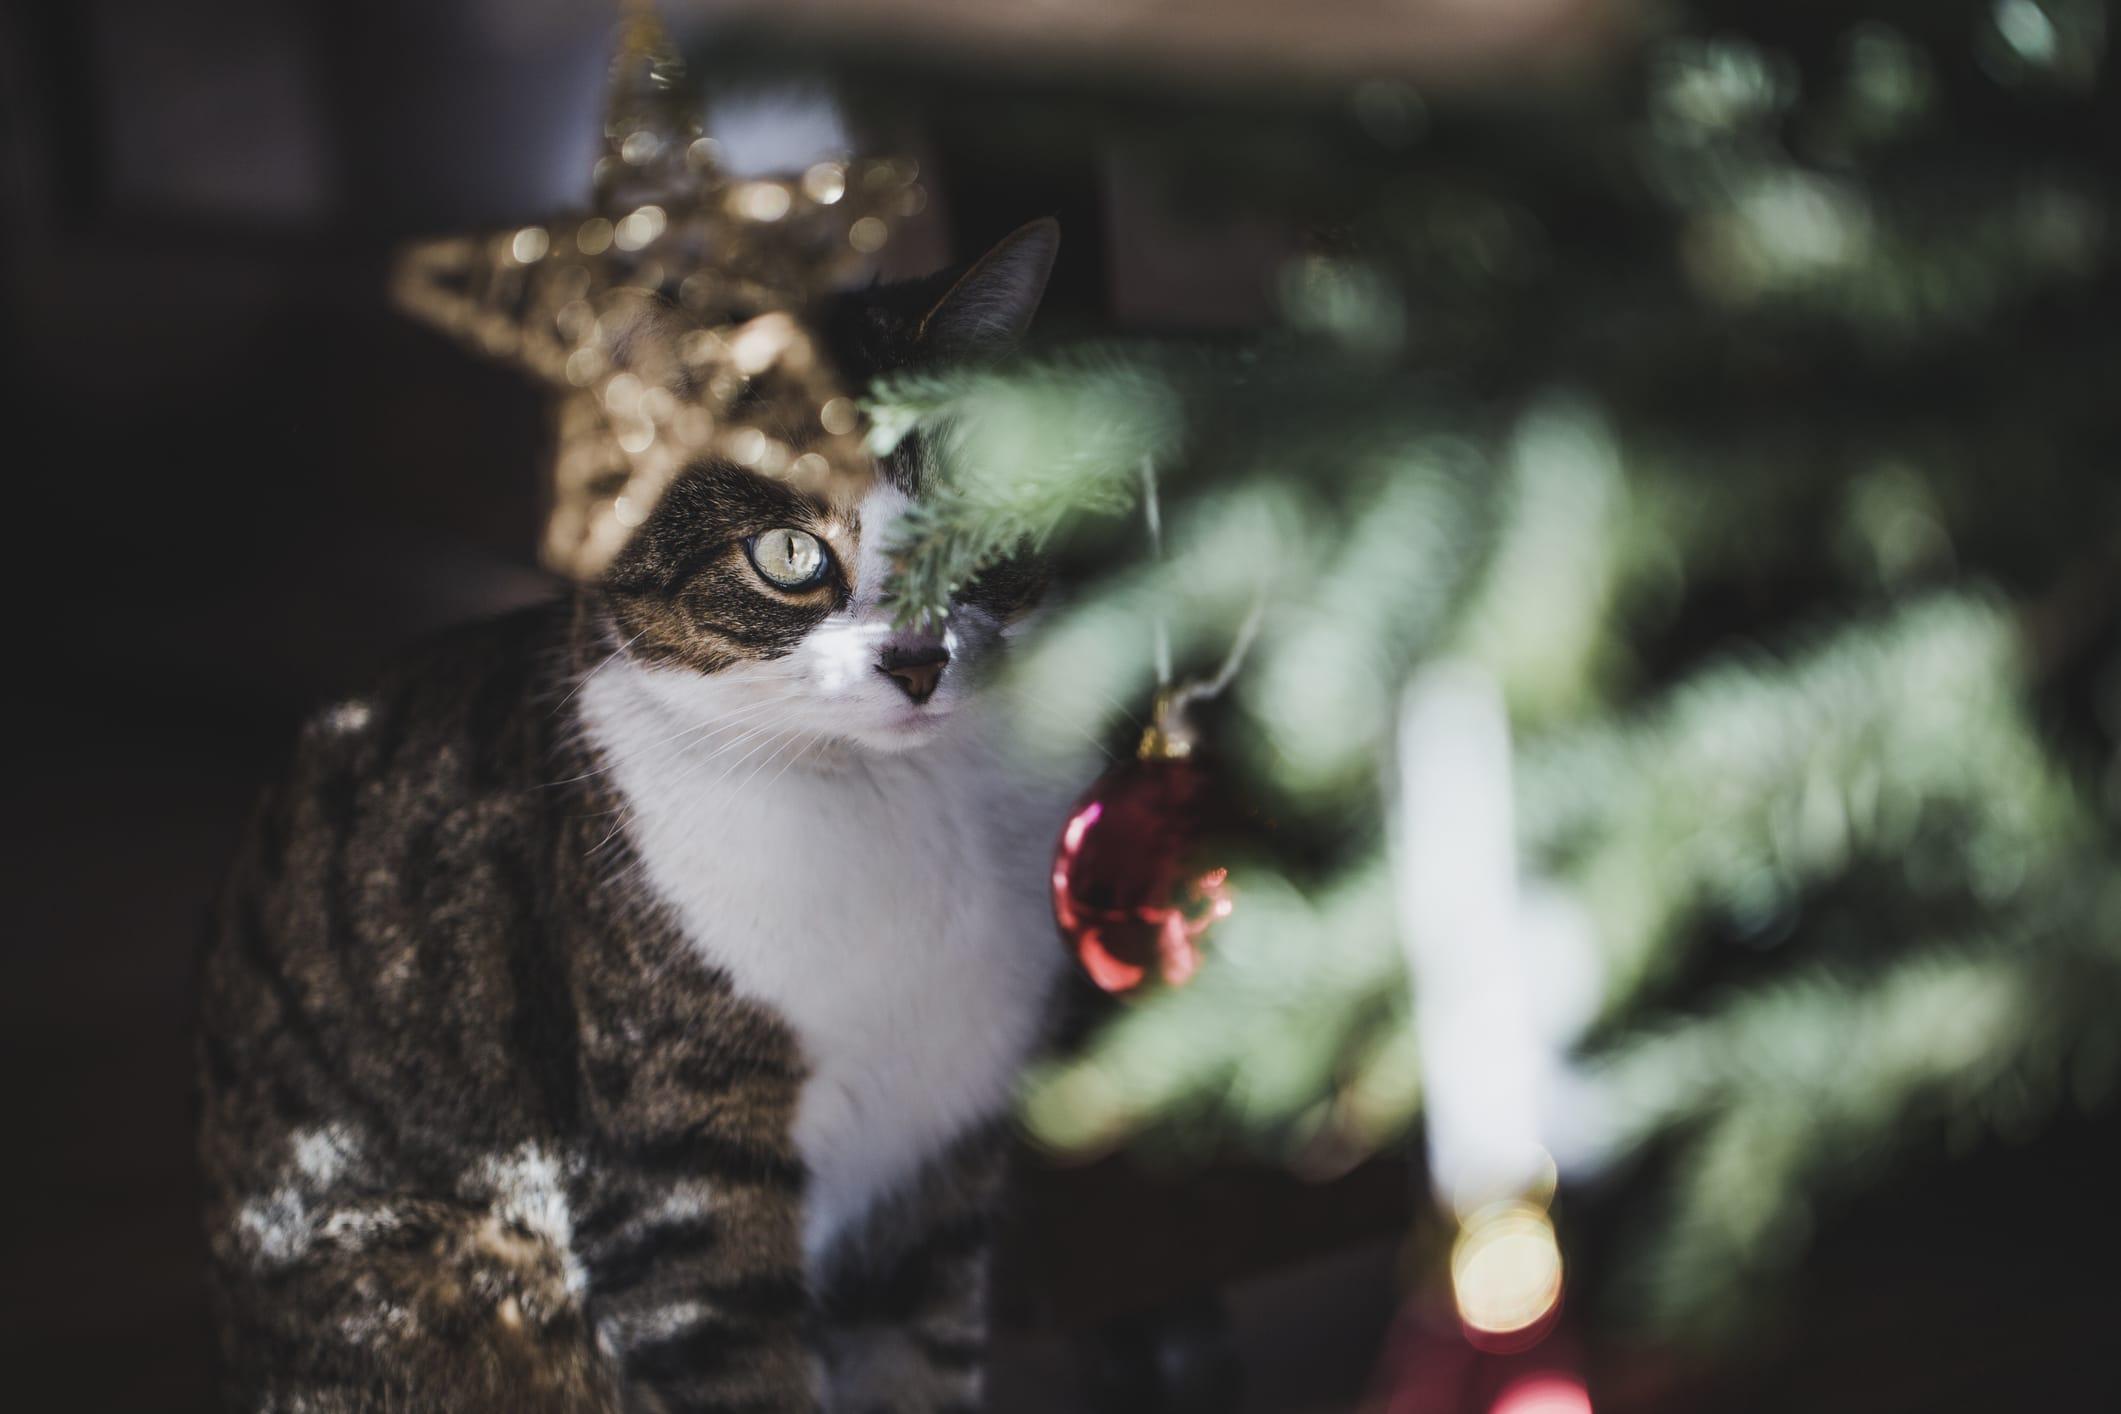 Tabby Cat Peaking Behind Christmas Tree